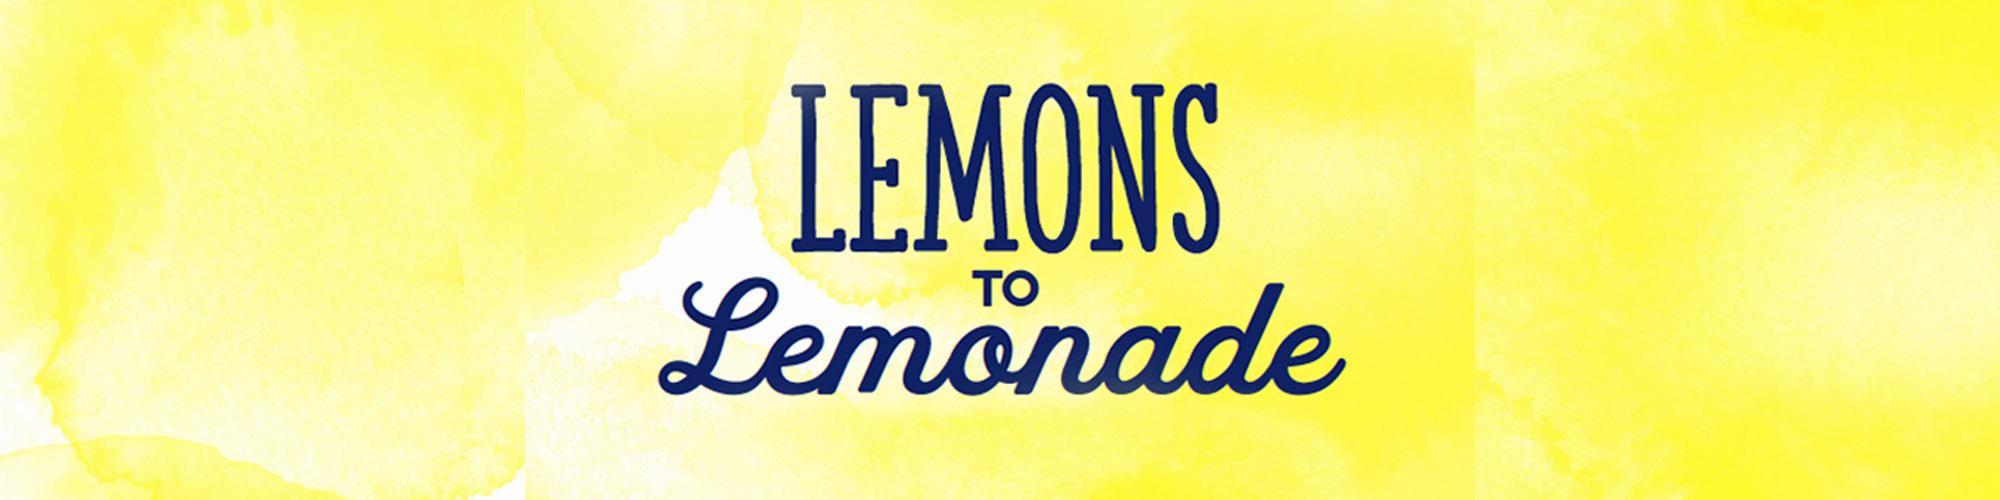 Lemons to Lemonade Header